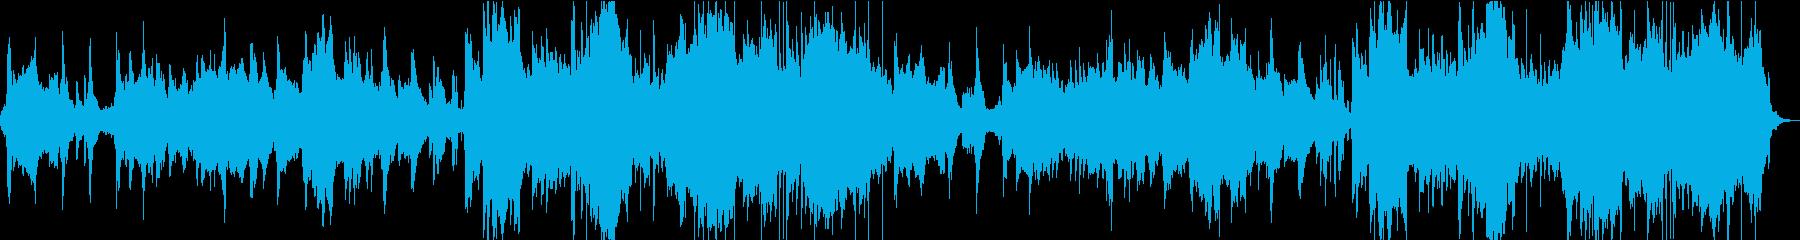 ゆったりとしたアラビアンなBGMの再生済みの波形